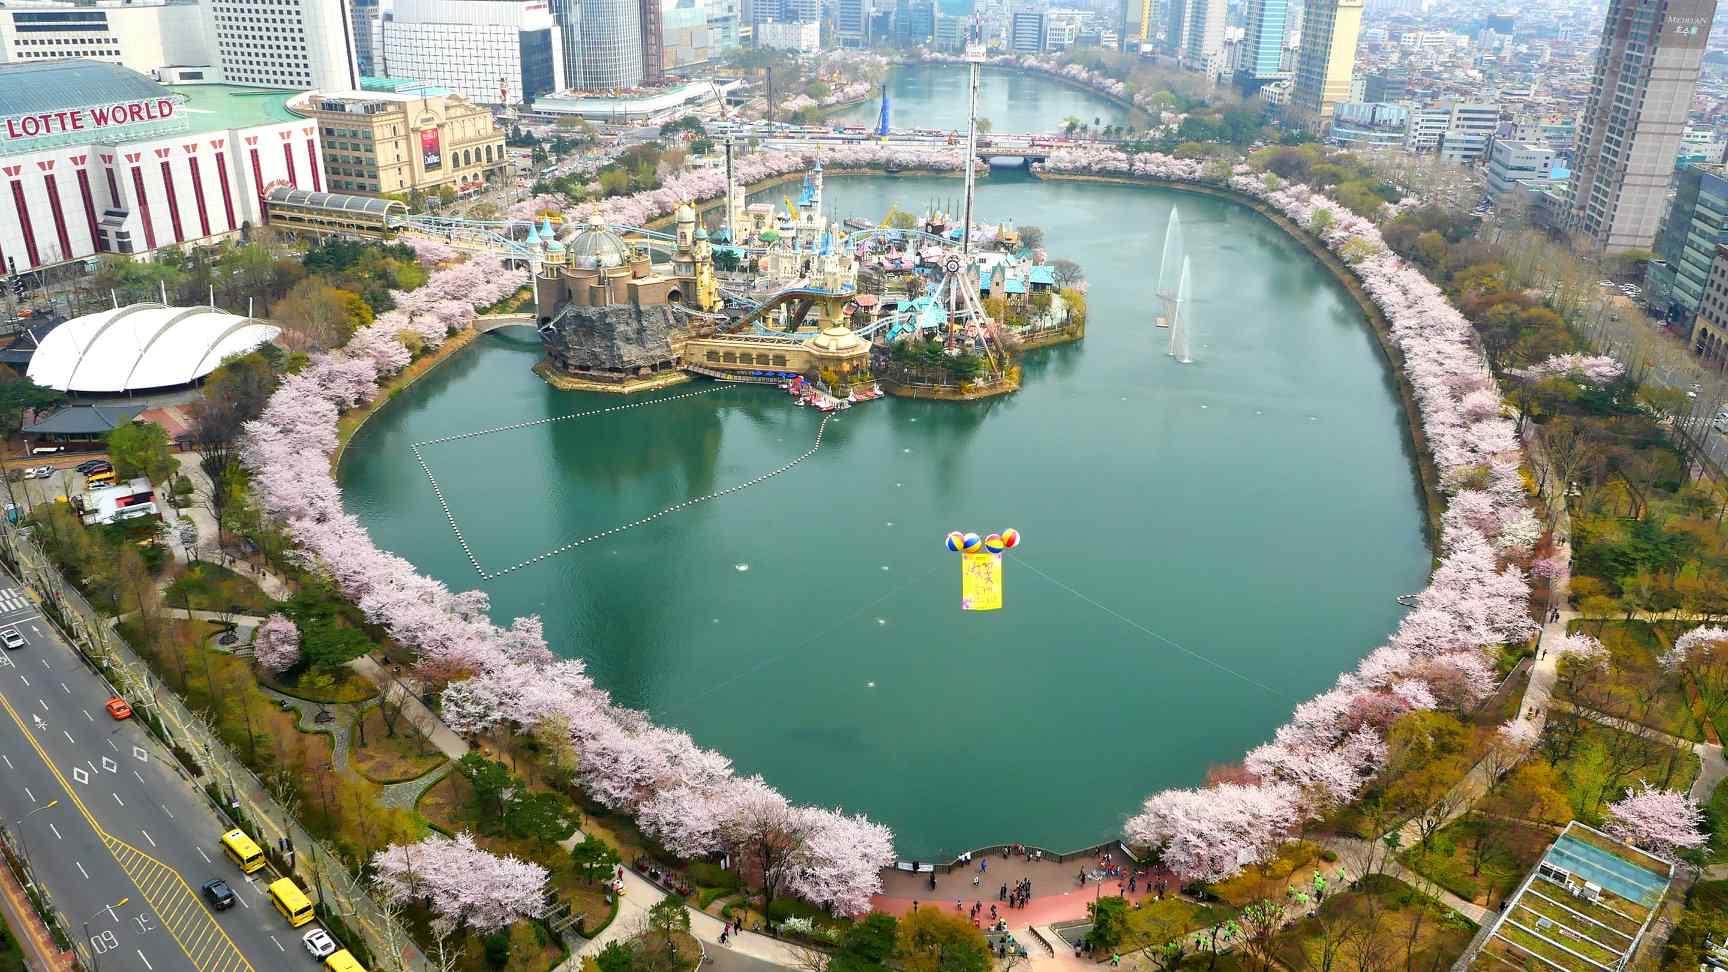 6.蠶室 - 34% 韓國最高的建築物樂天世界大廈,樂天世界,石村湖水公園,樂天百貨蠶室店